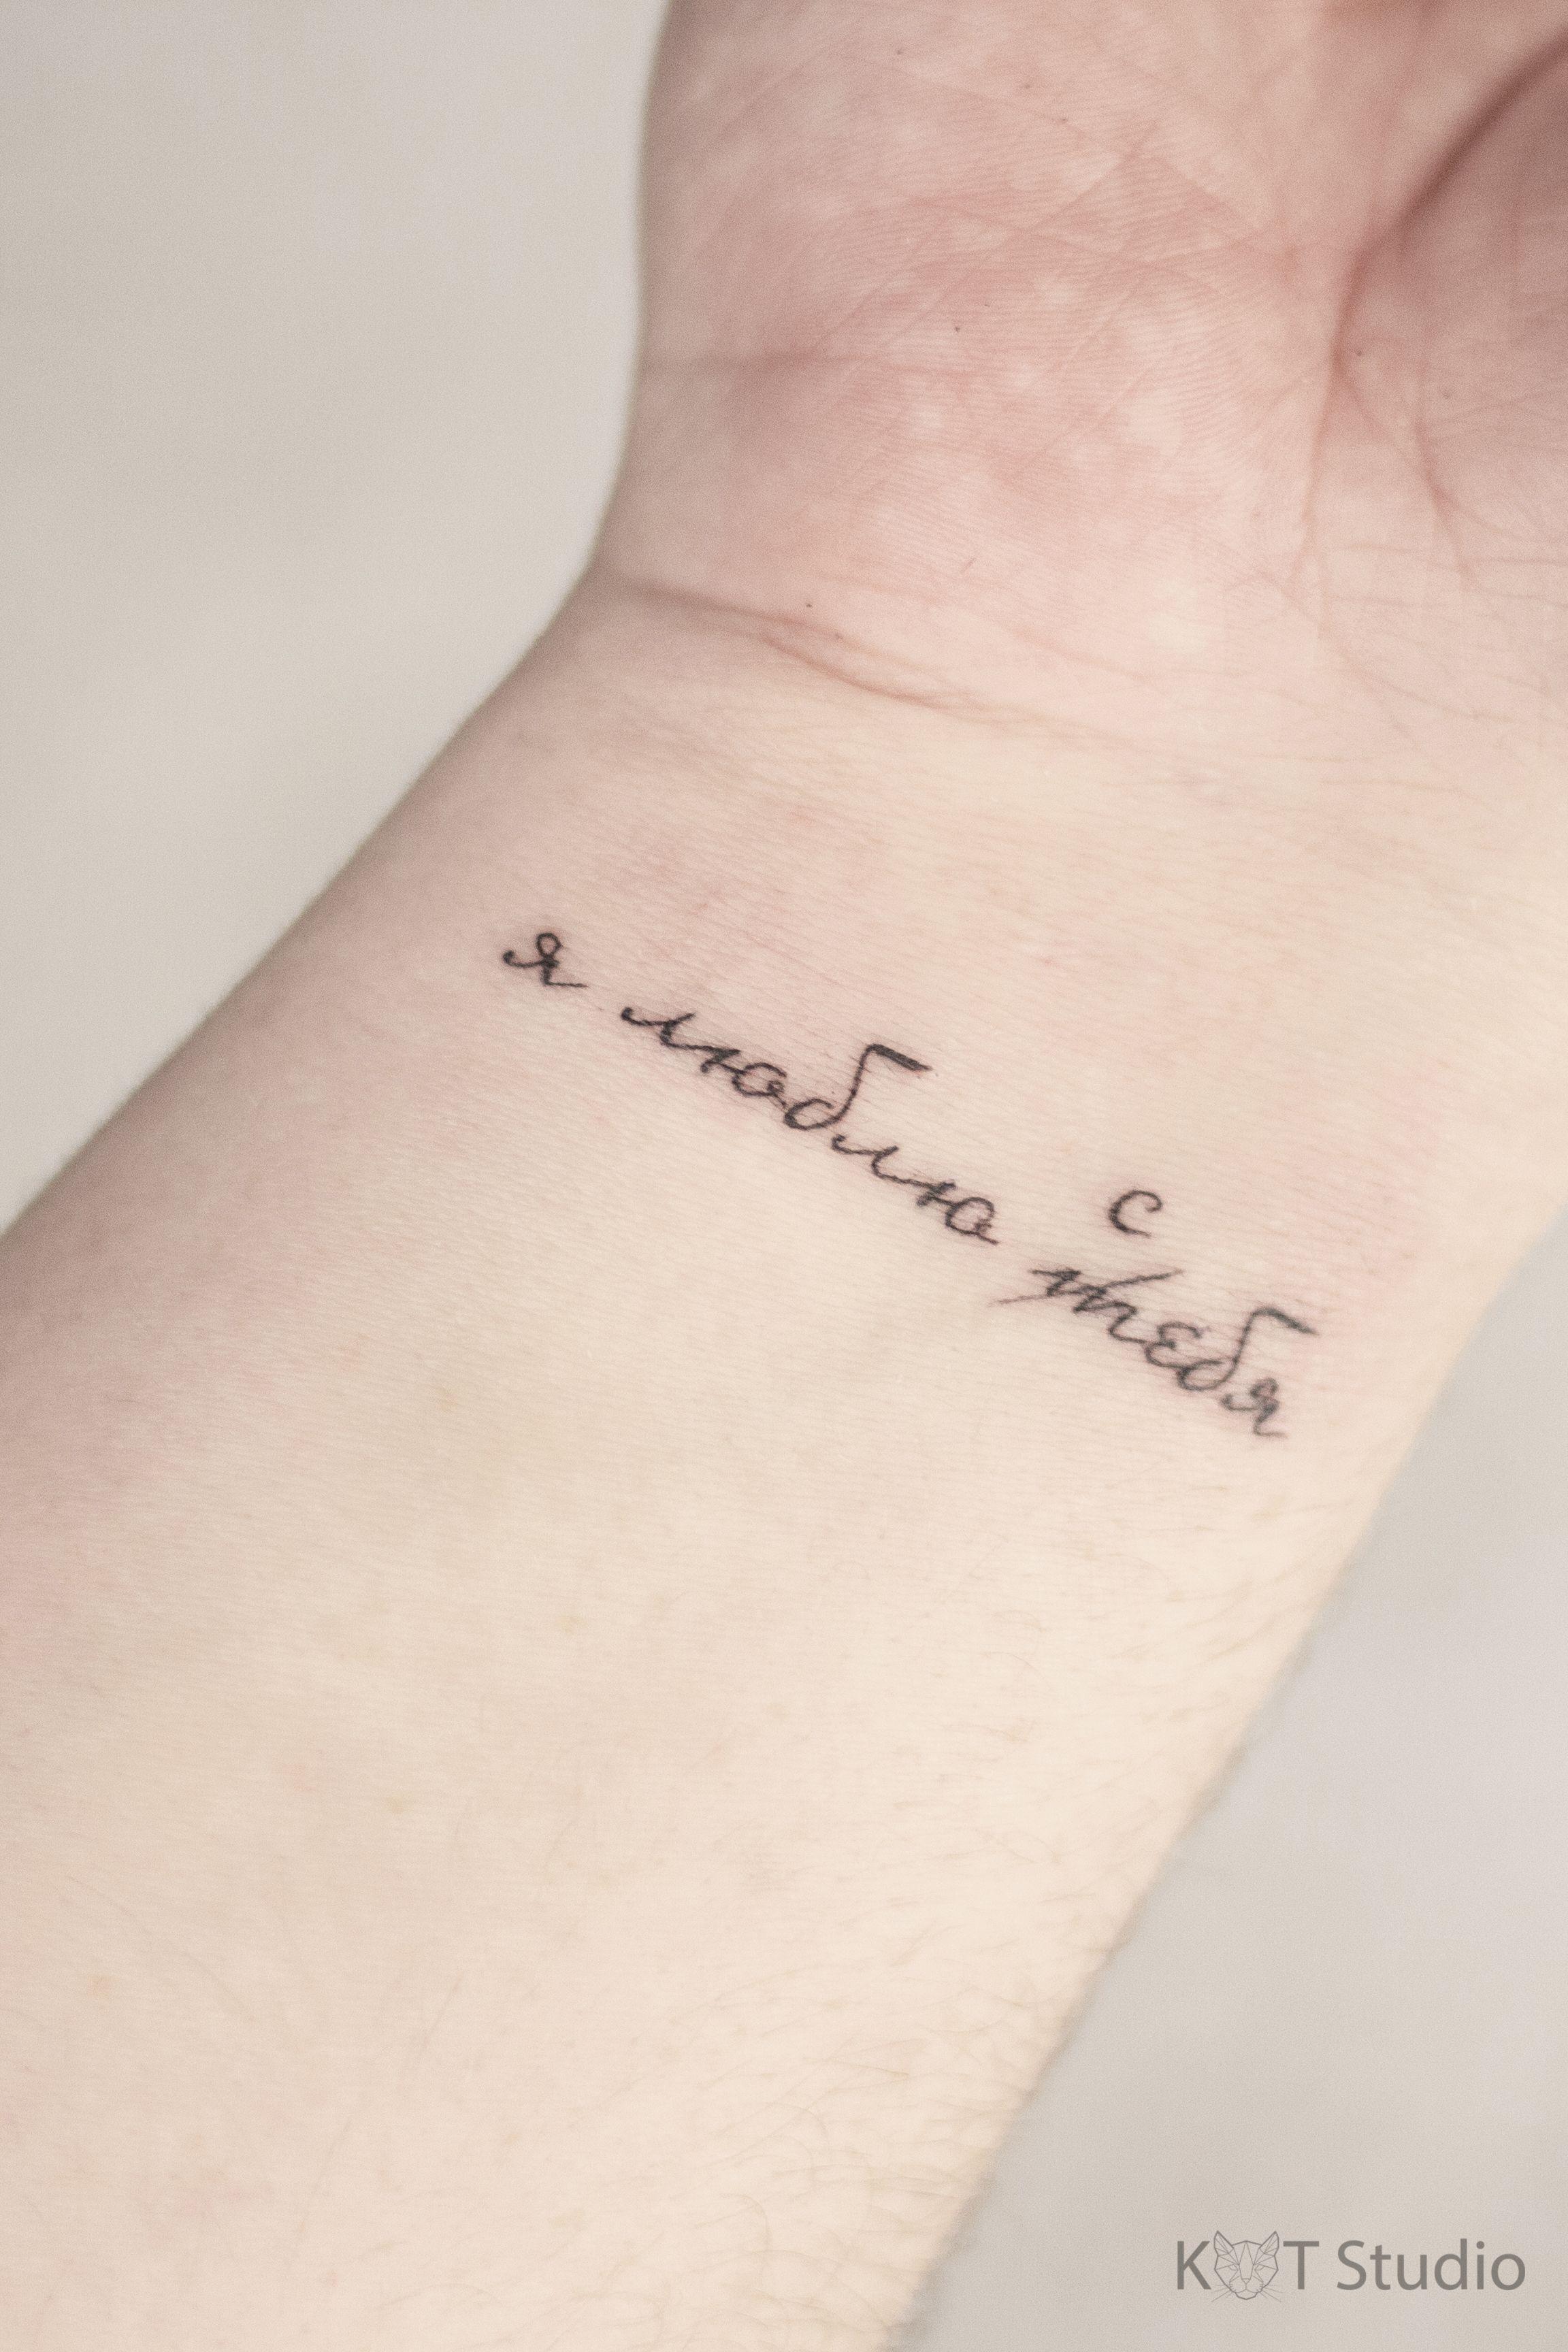 тату надписи всегда были очень популярны выбираешь тату надписи с